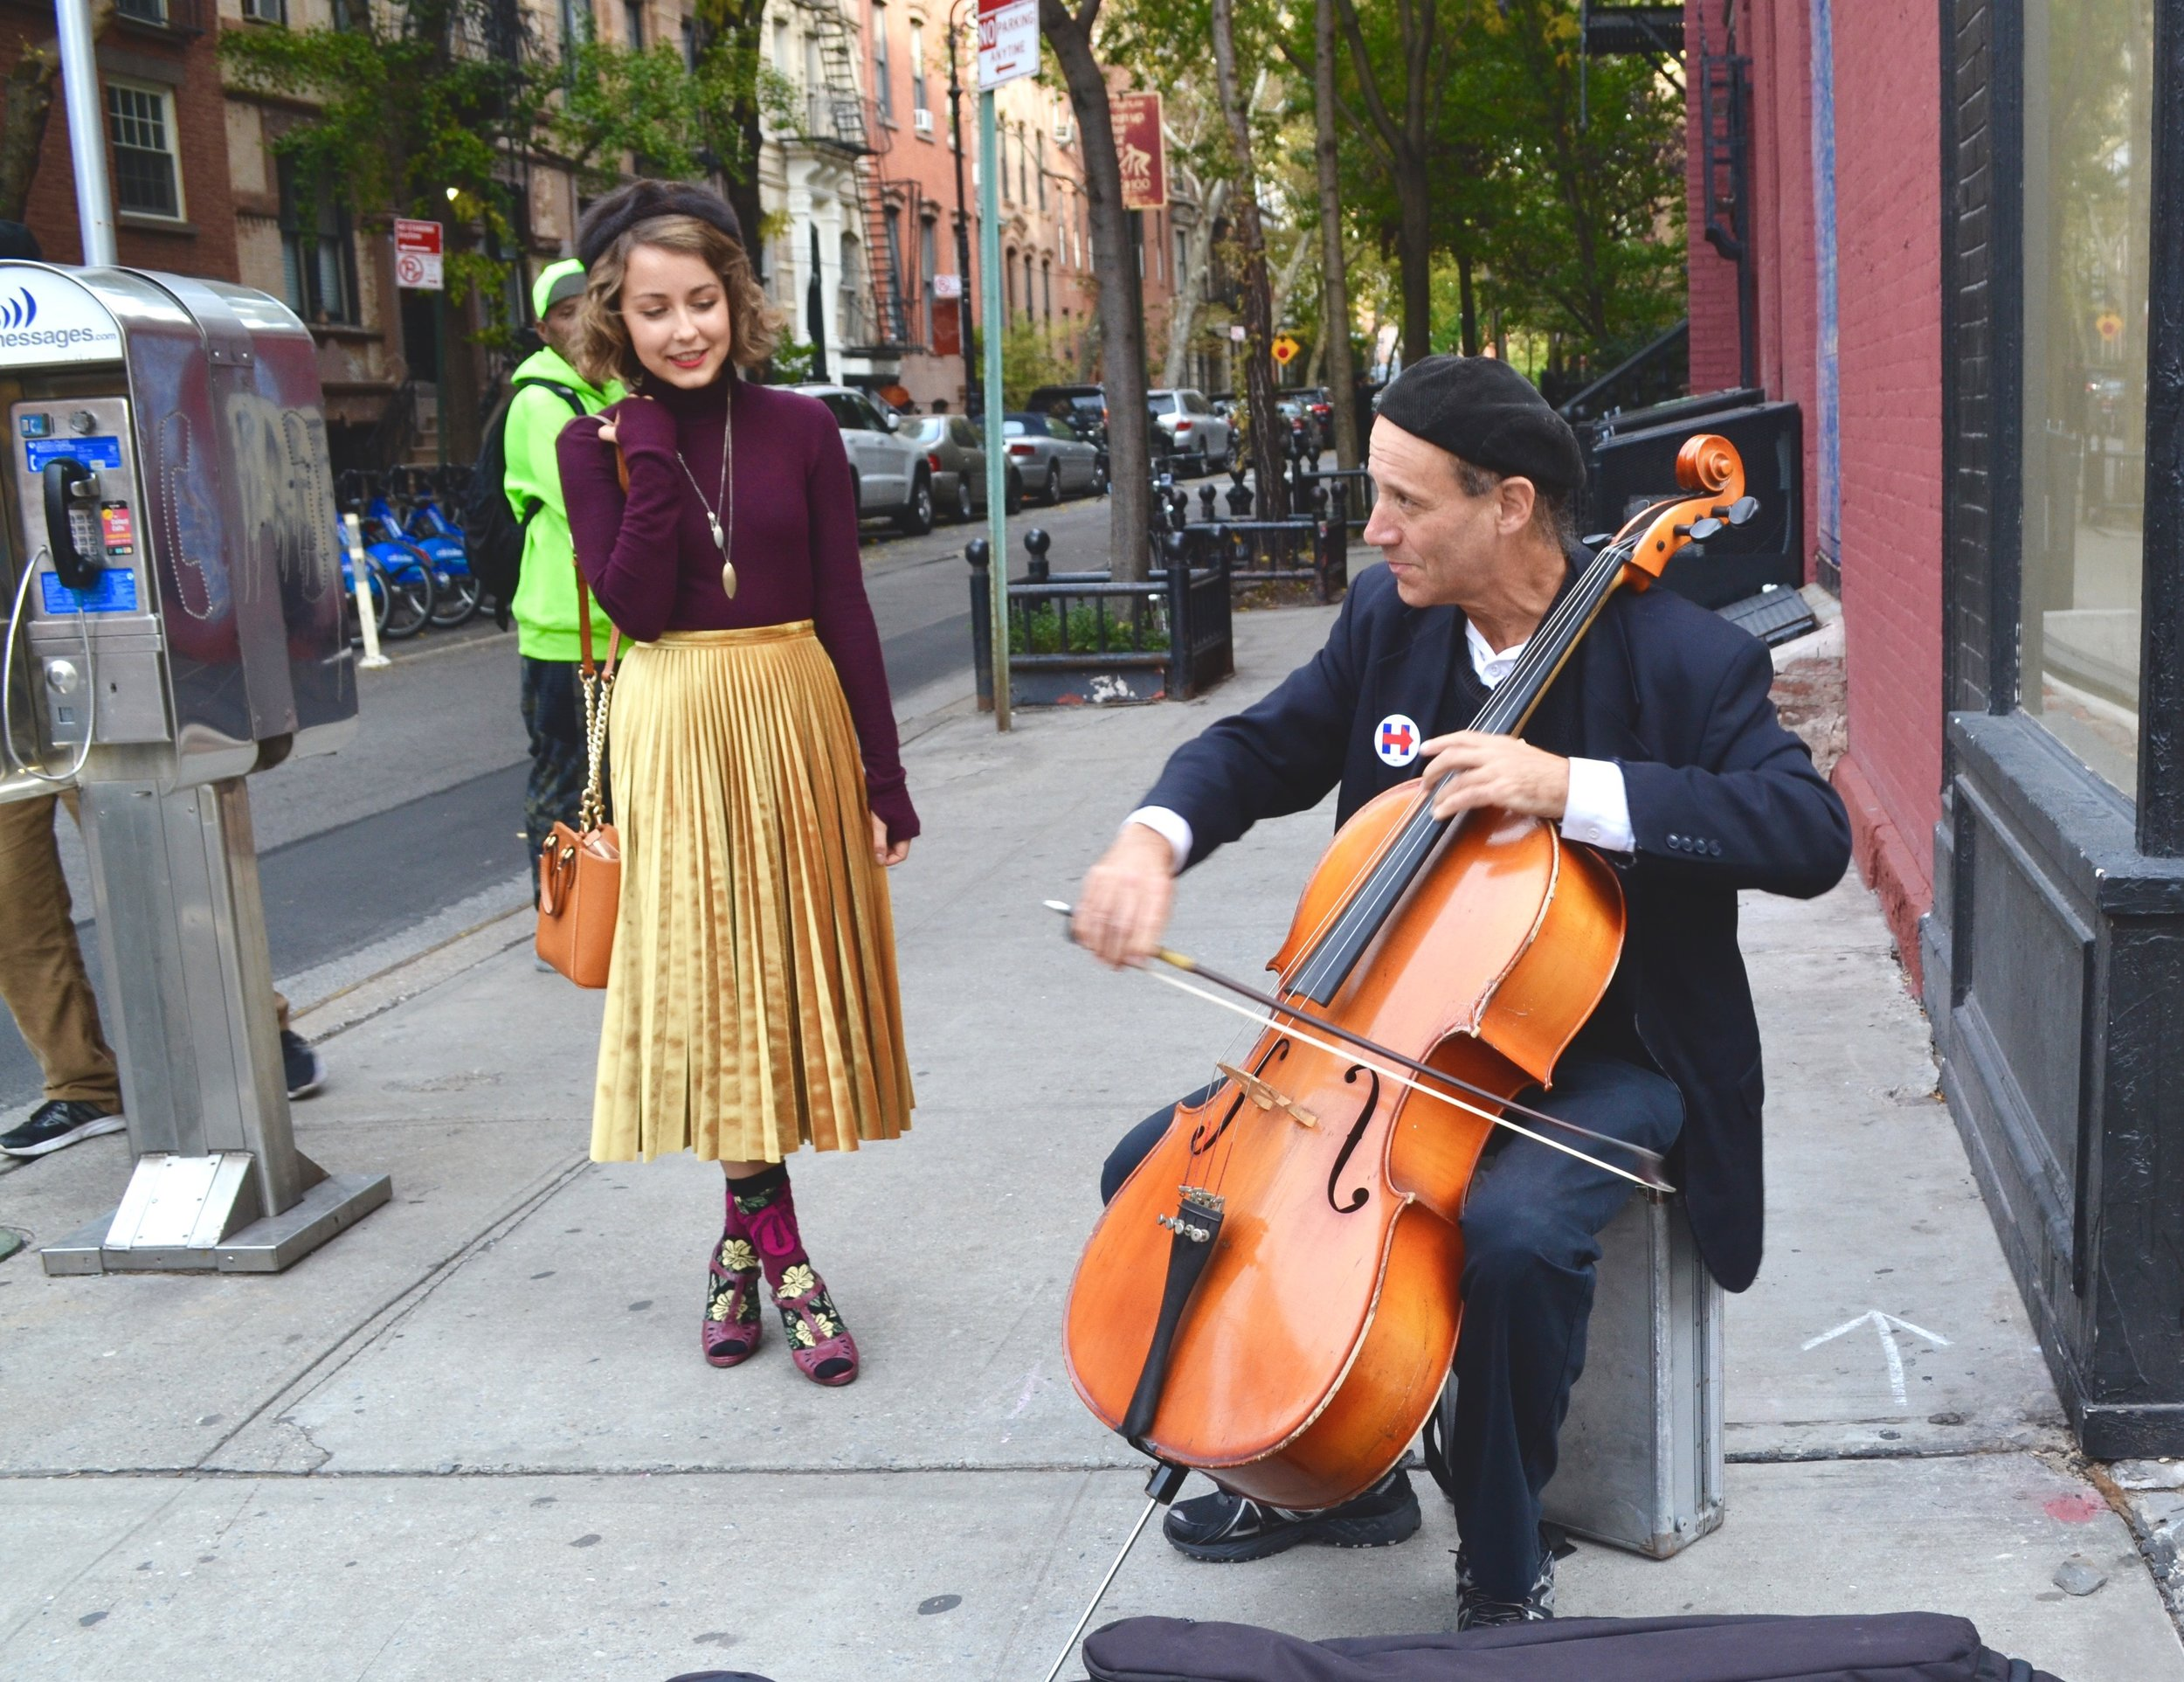 Cellist Peter Lewy